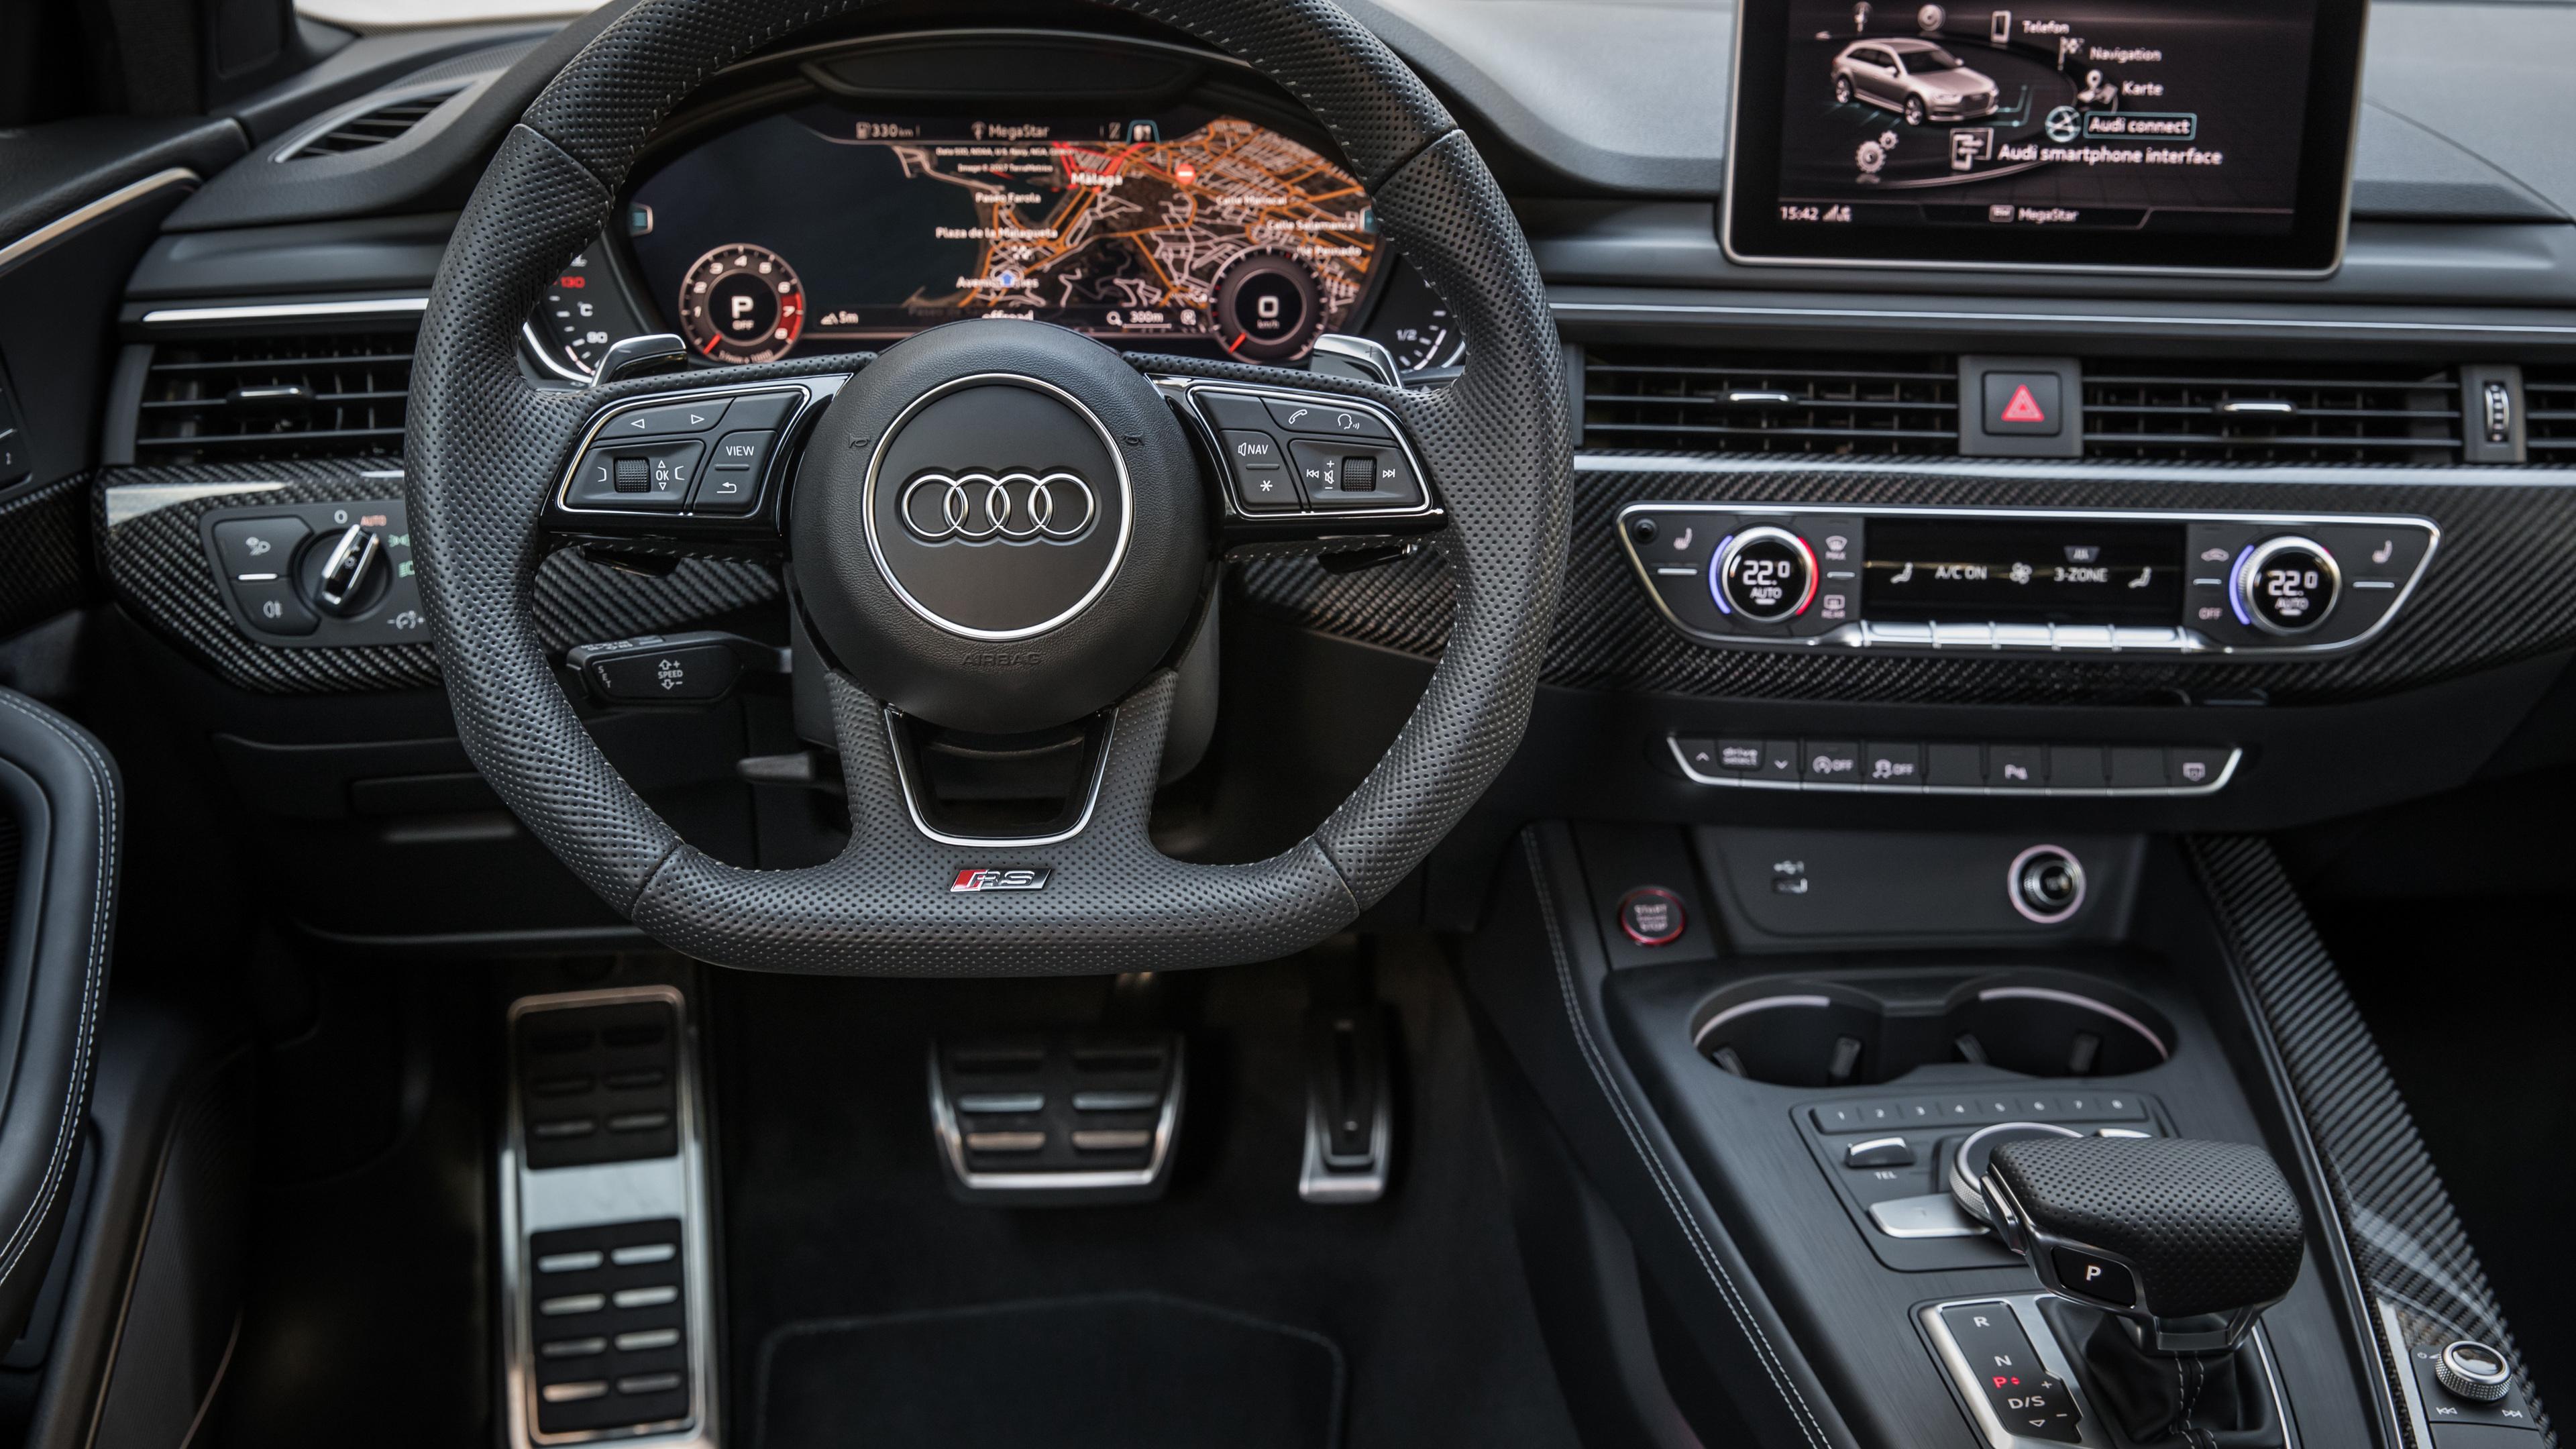 Wallpaper 4k Audi Rs 4 Avant Interior 2017 Cars Wallpapers 4k